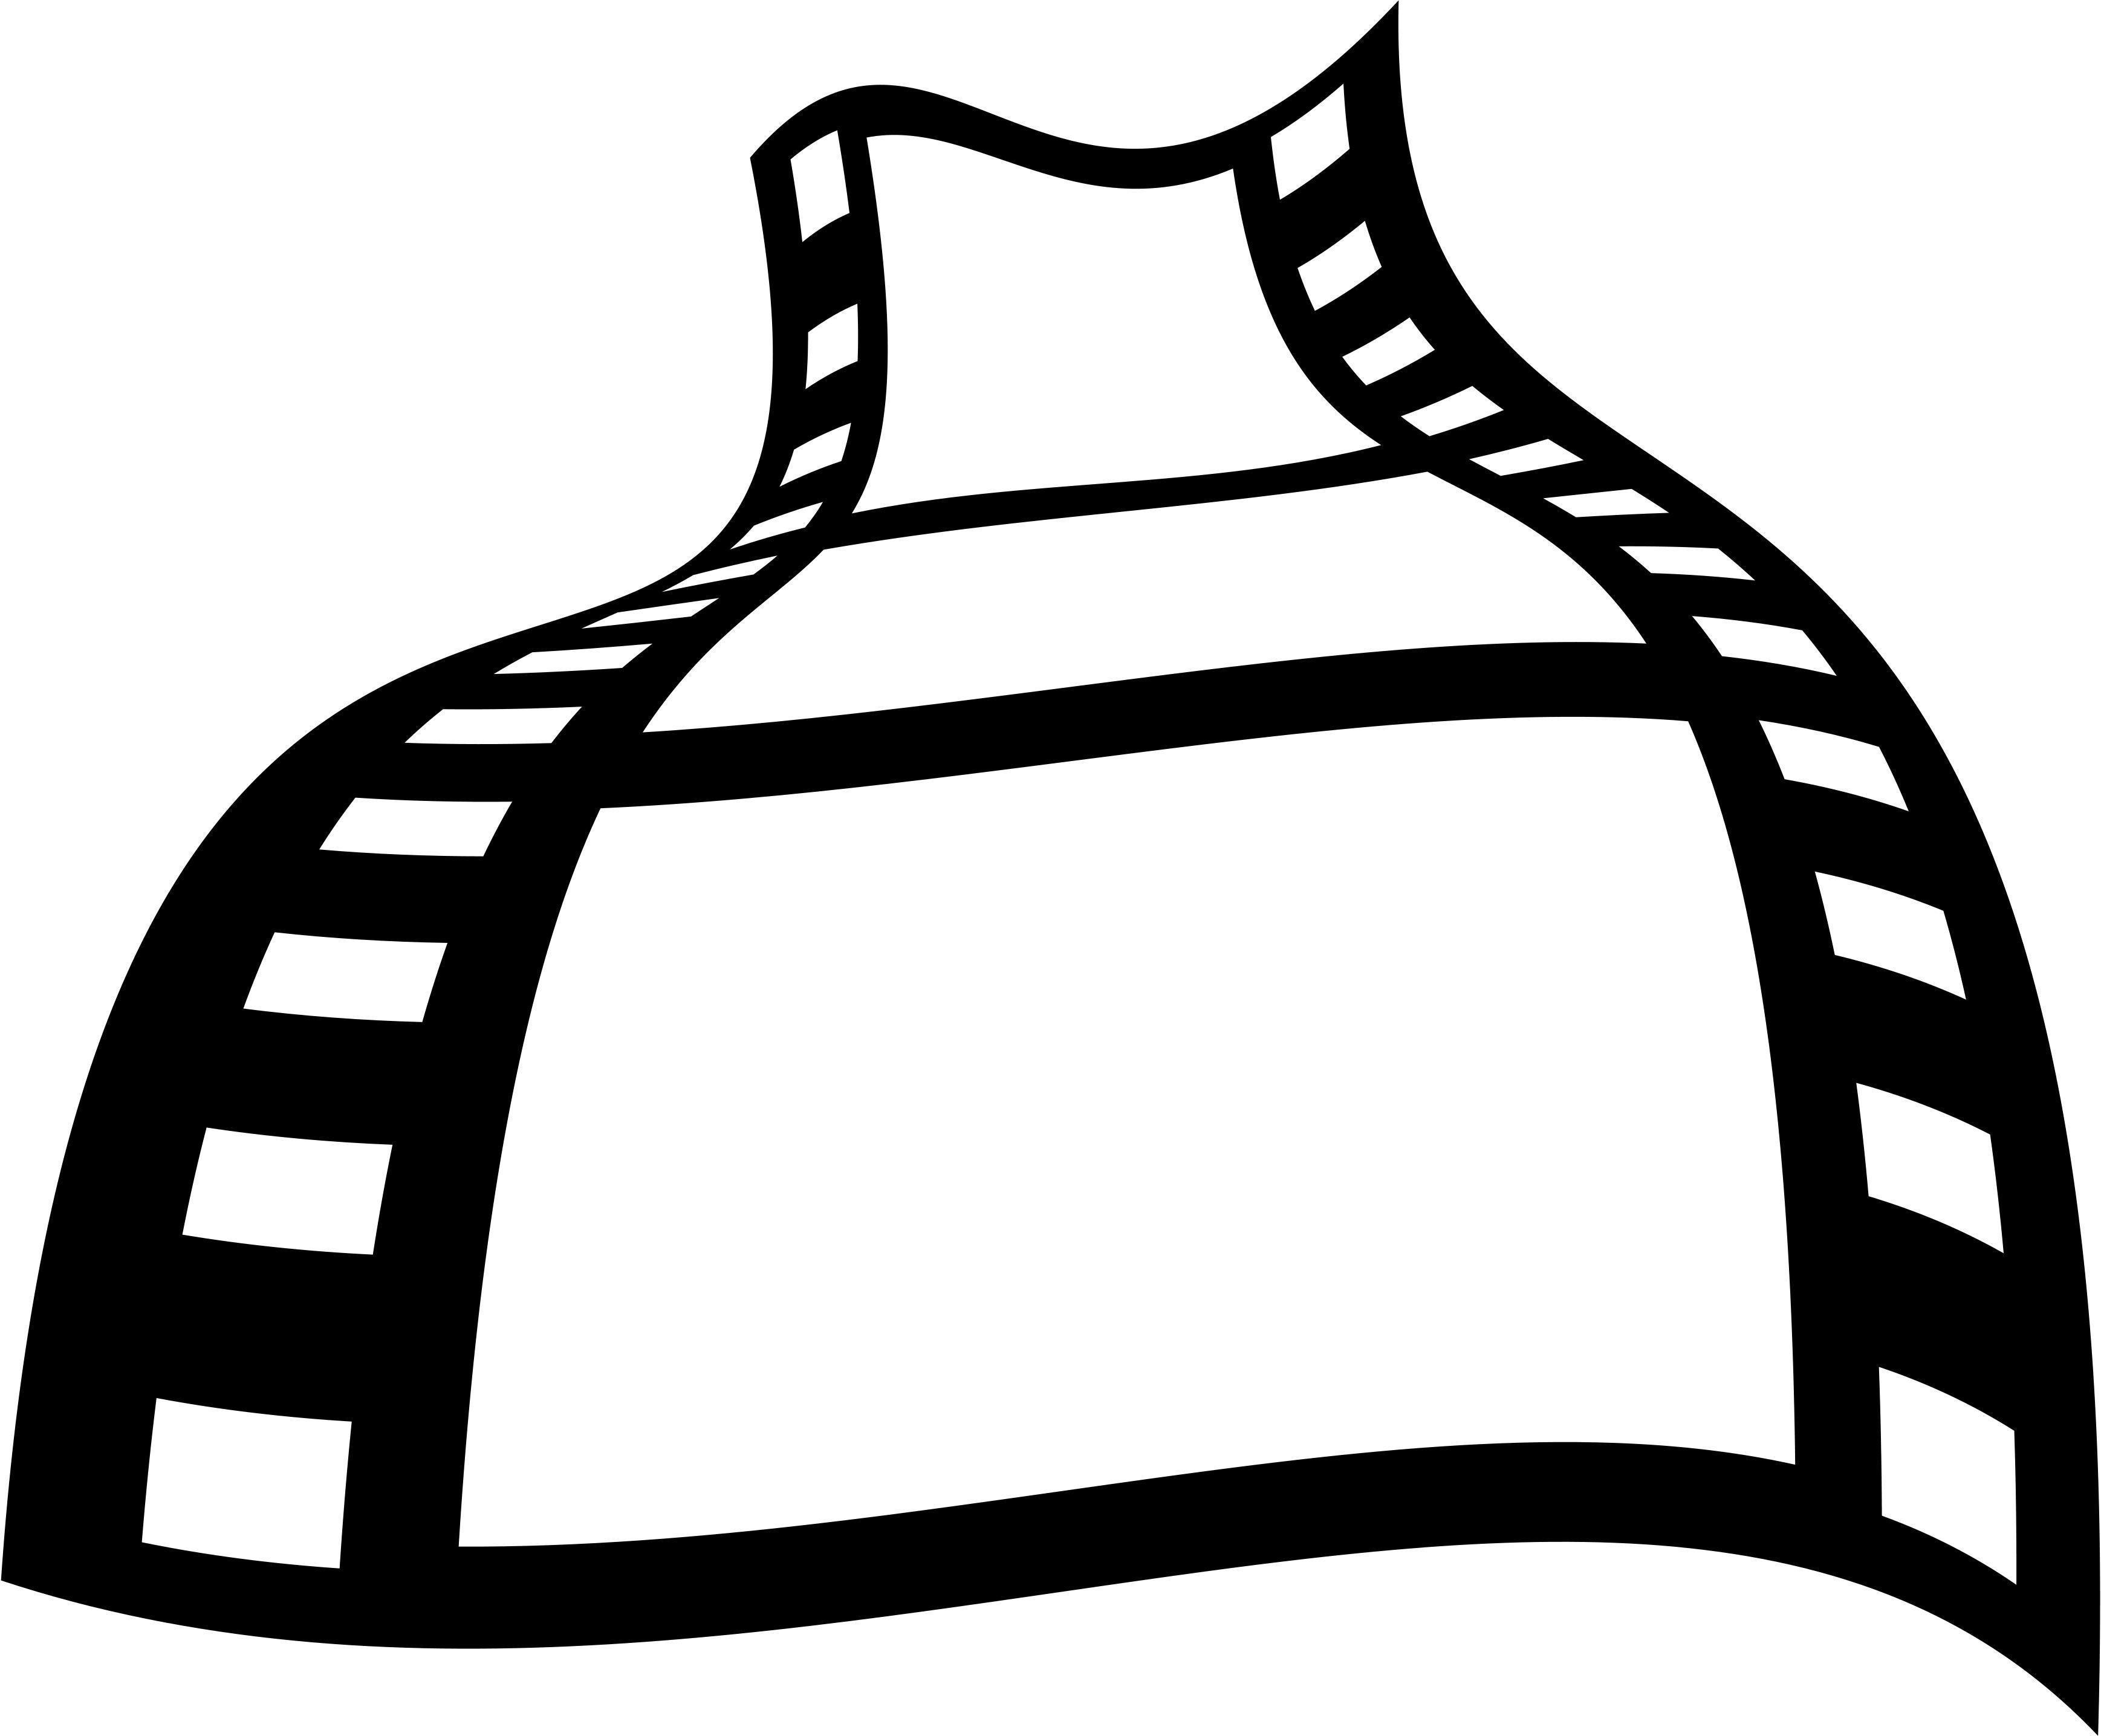 Film Strip Graphic (Photo: Morguefile)